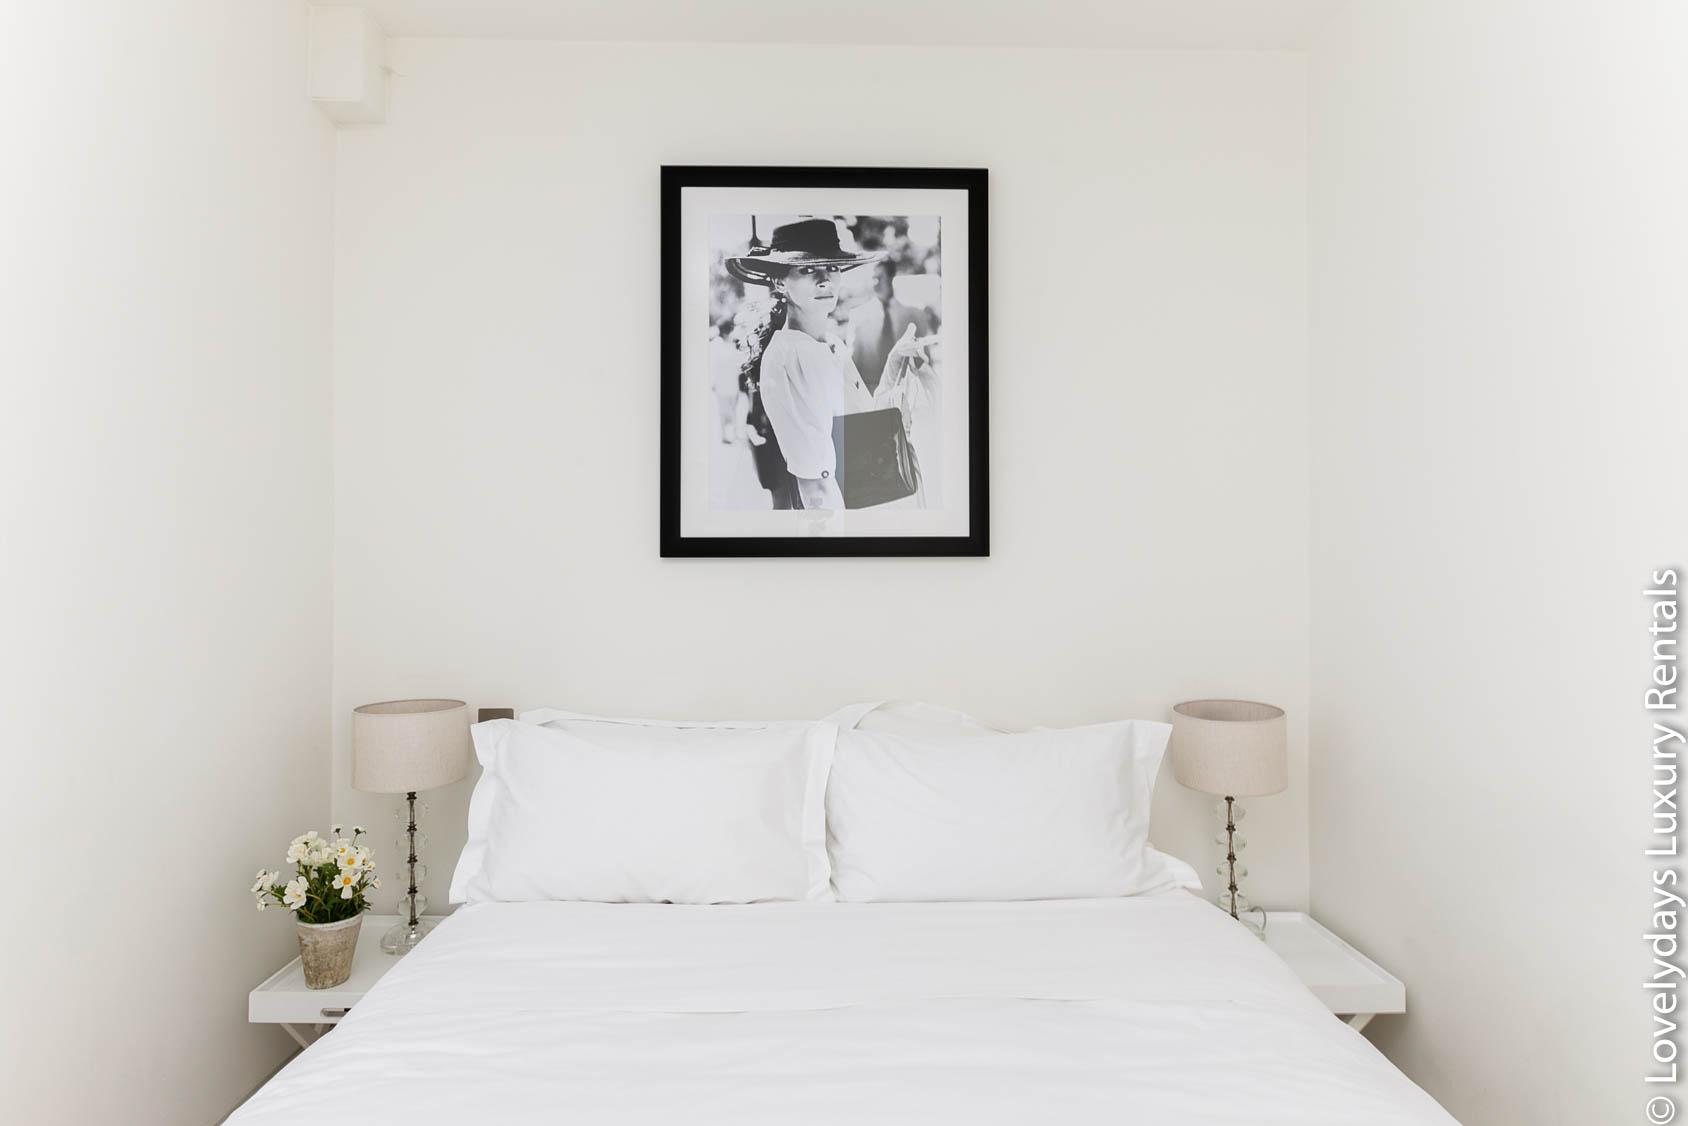 Lovelydays luxury service apartment rental - London - Fitzrovia - Foley Street - Lovelysuite - 2 bedrooms - 2 bathrooms - Double bed - 2a2a52eb533e - Lovelydays